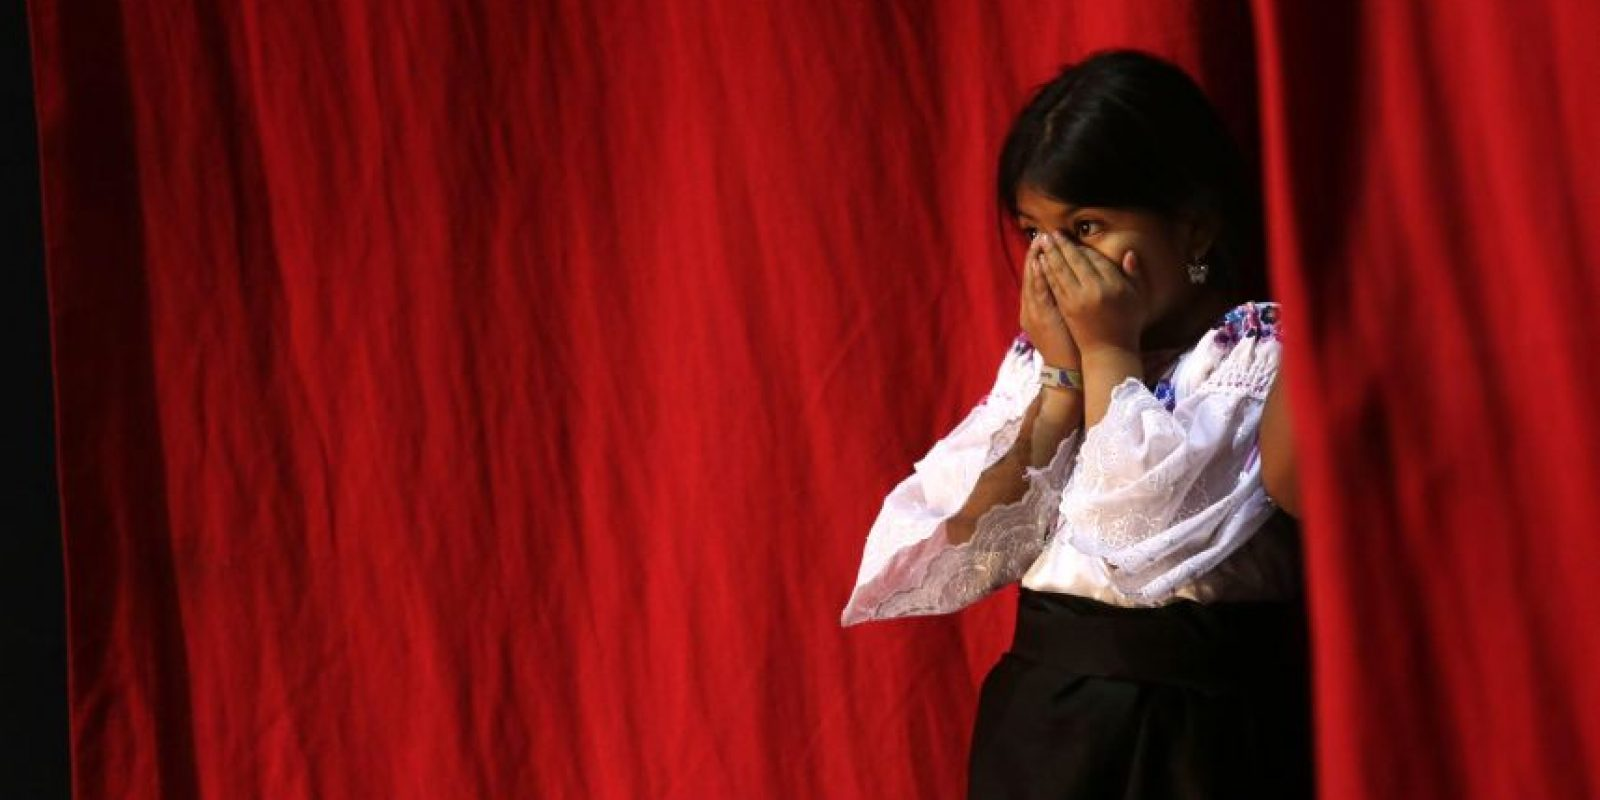 En esta imagen del sábado 23 de mayo de 2015, una niña otavalo tras oír el nombre de su hermana, mientras contempla el desfile final del concurso de belleza Reina Indígena en el teatro Casa de la Cultura en Quito, Ecuador. Las jóvenes ecuatorianas competían ataviadas con vestidos y tocados nativos. Foto:AP Foto/Dolores Ochoa